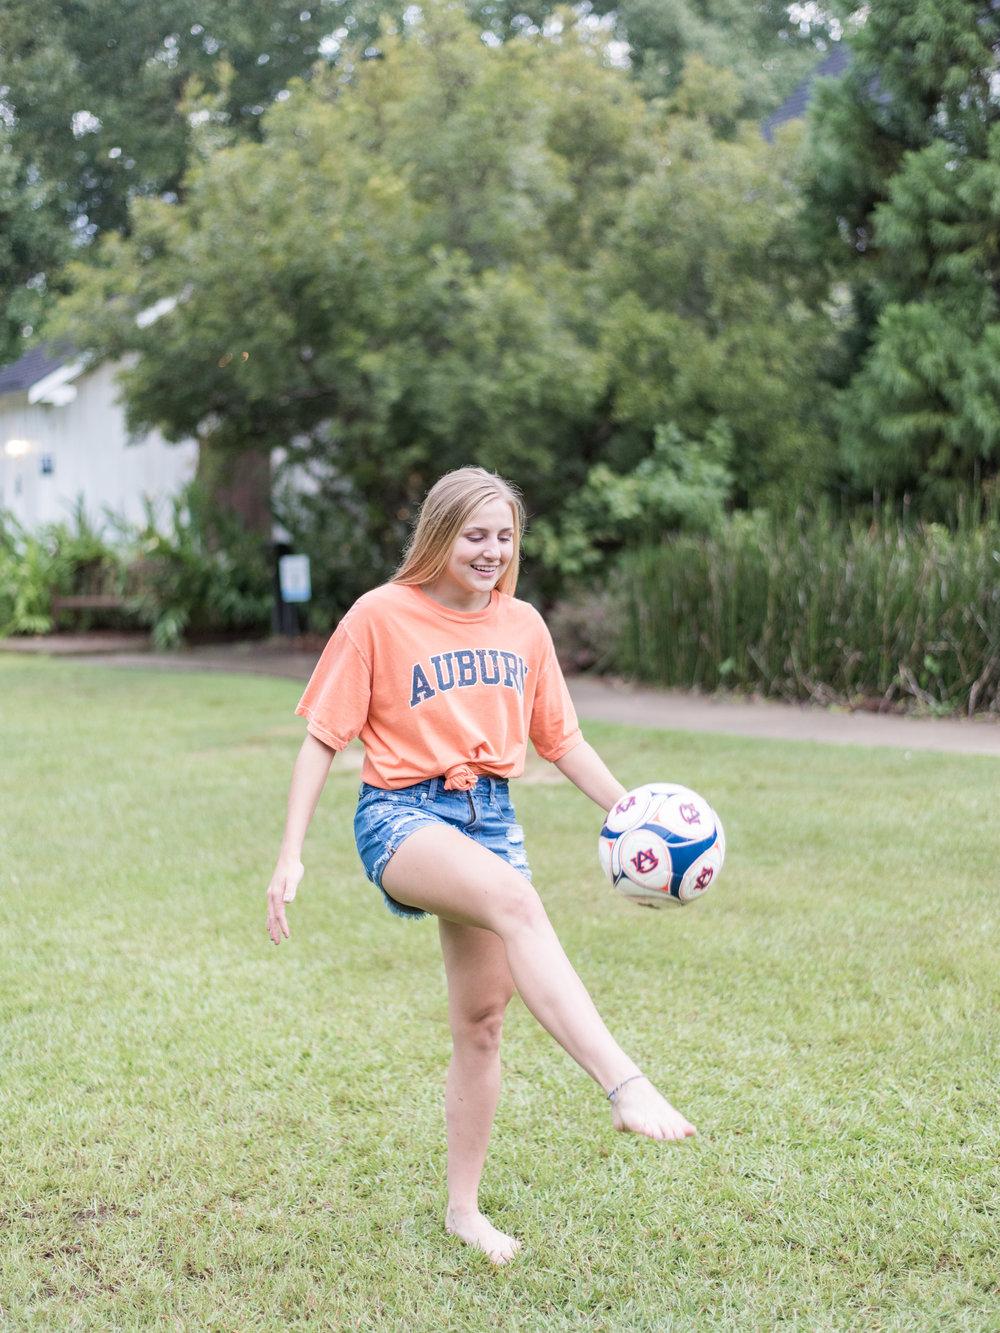 Auburn University Soccer